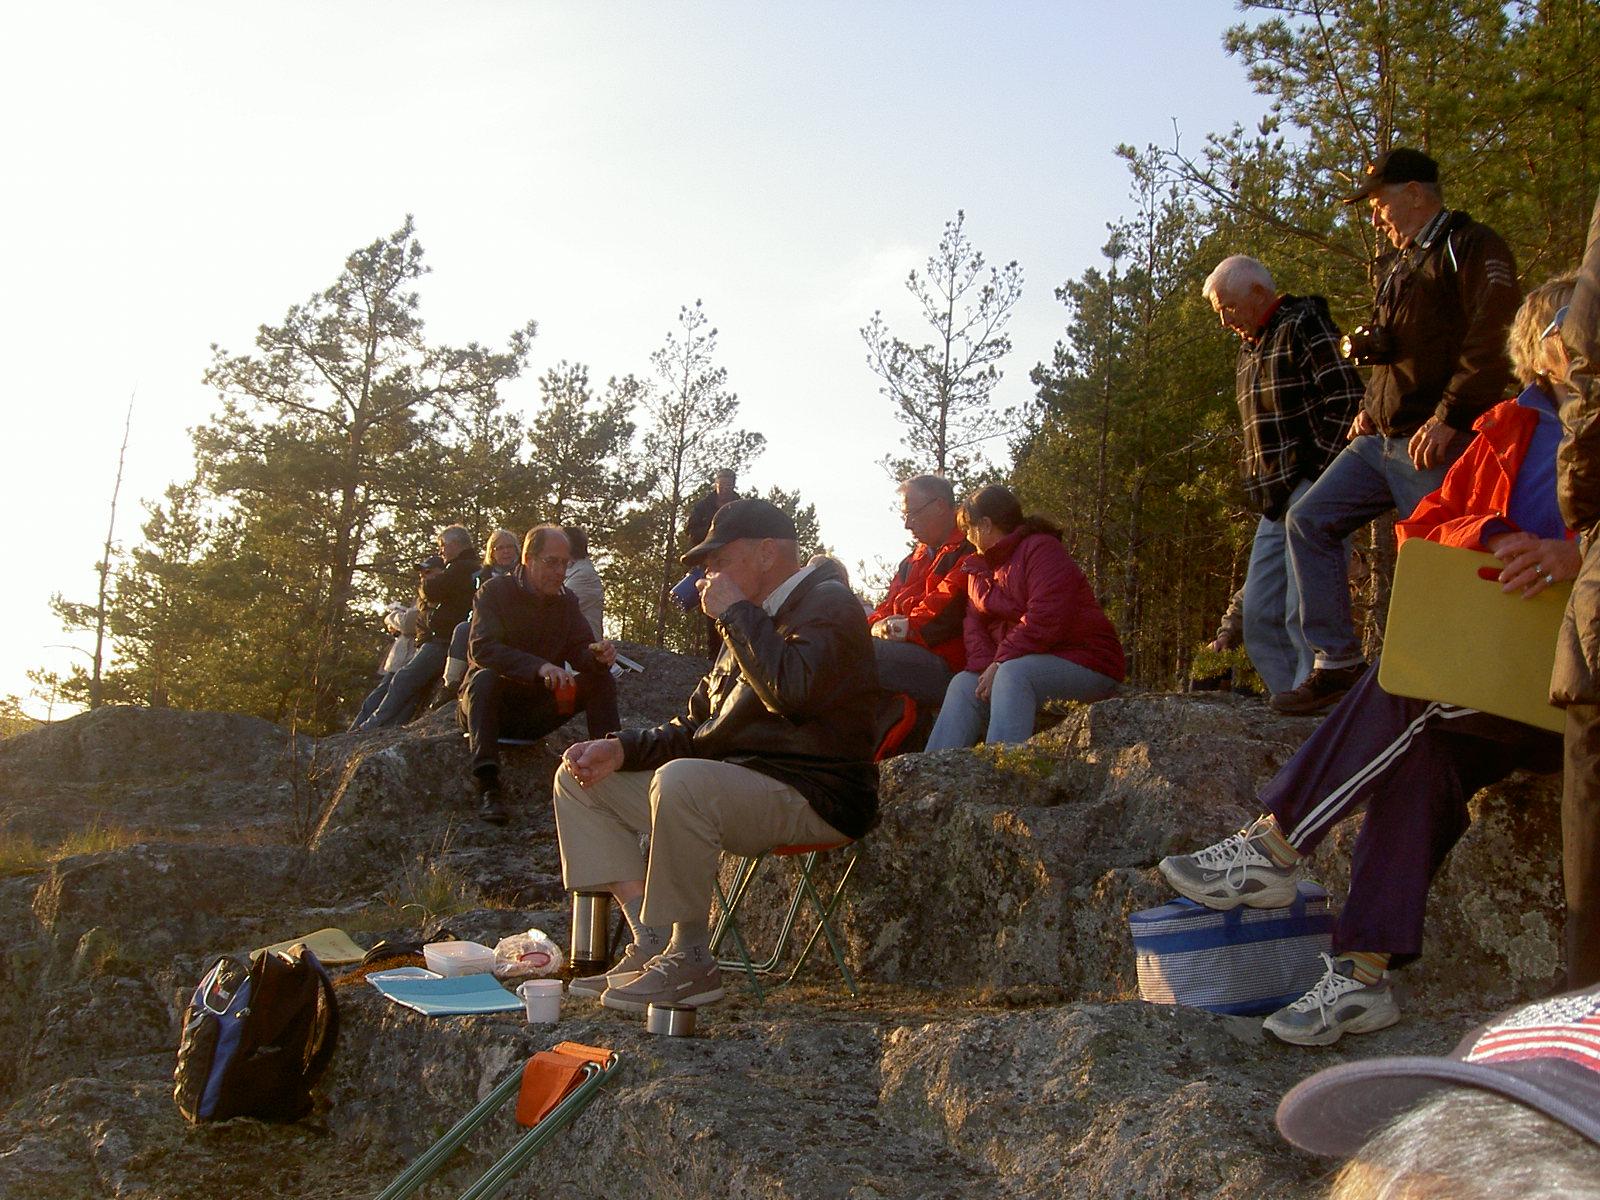 Mitt Sörmland - Fika på Huckersberget i den nedgående solens sken.